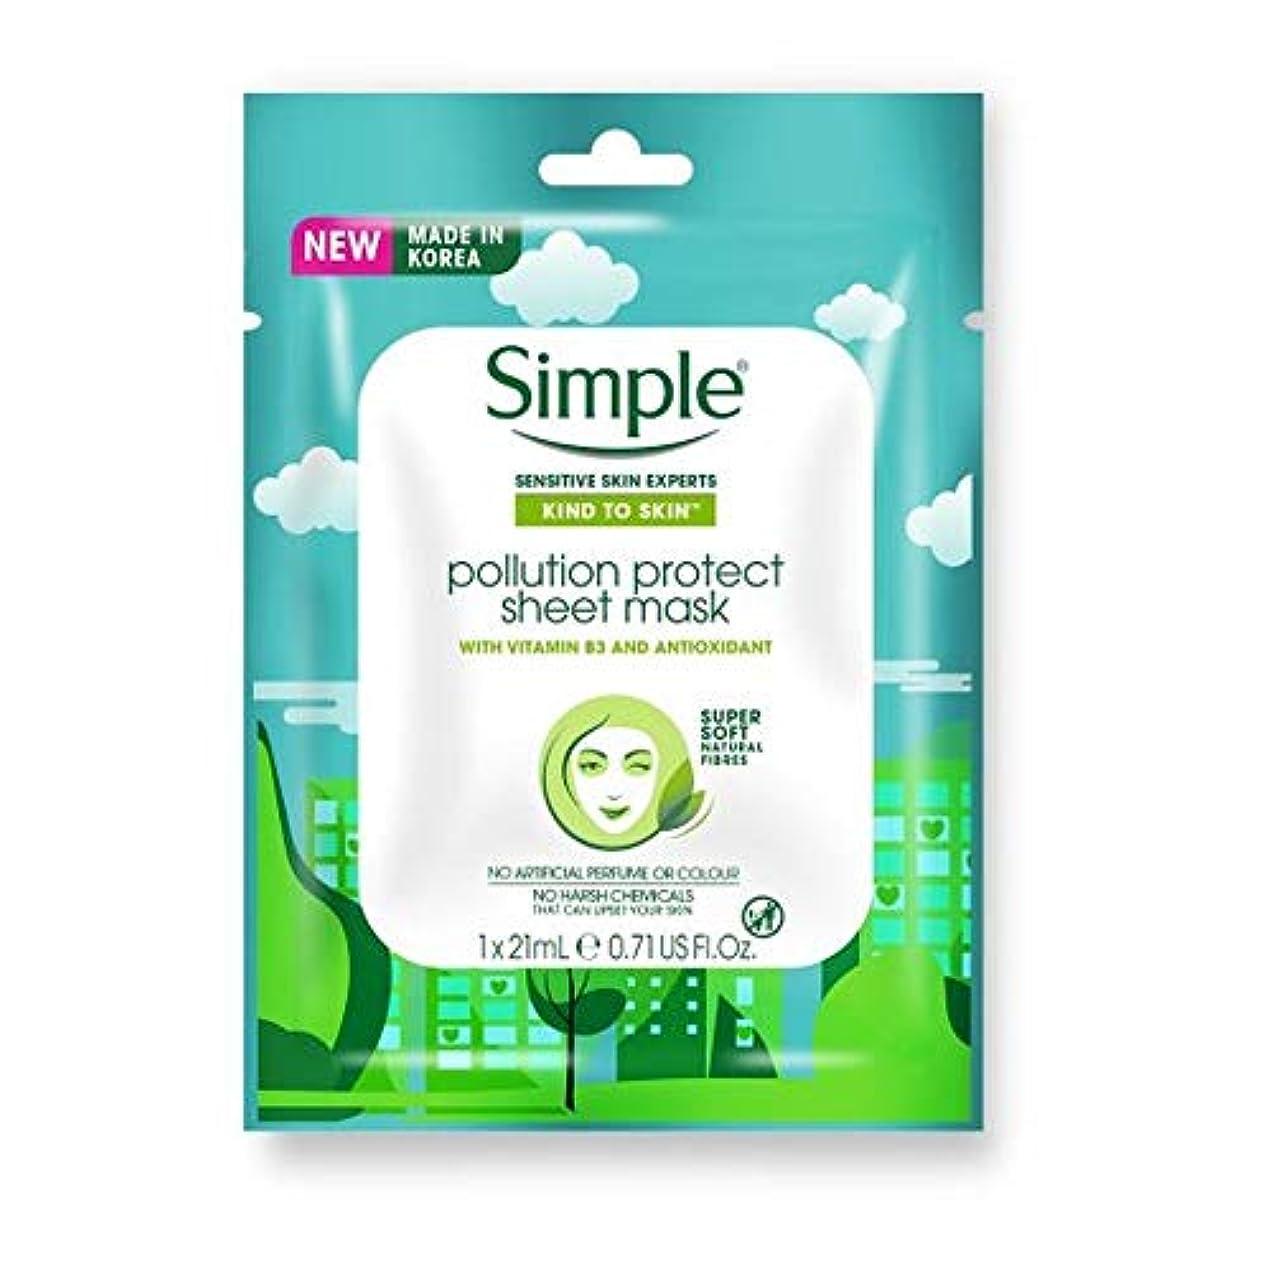 作るバンカー約[Simple] 皮膚汚染への単純な種類のシートマスク21ミリリットルを保護 - Simple Kind To Skin Pollution Protect Sheet Mask 21Ml [並行輸入品]